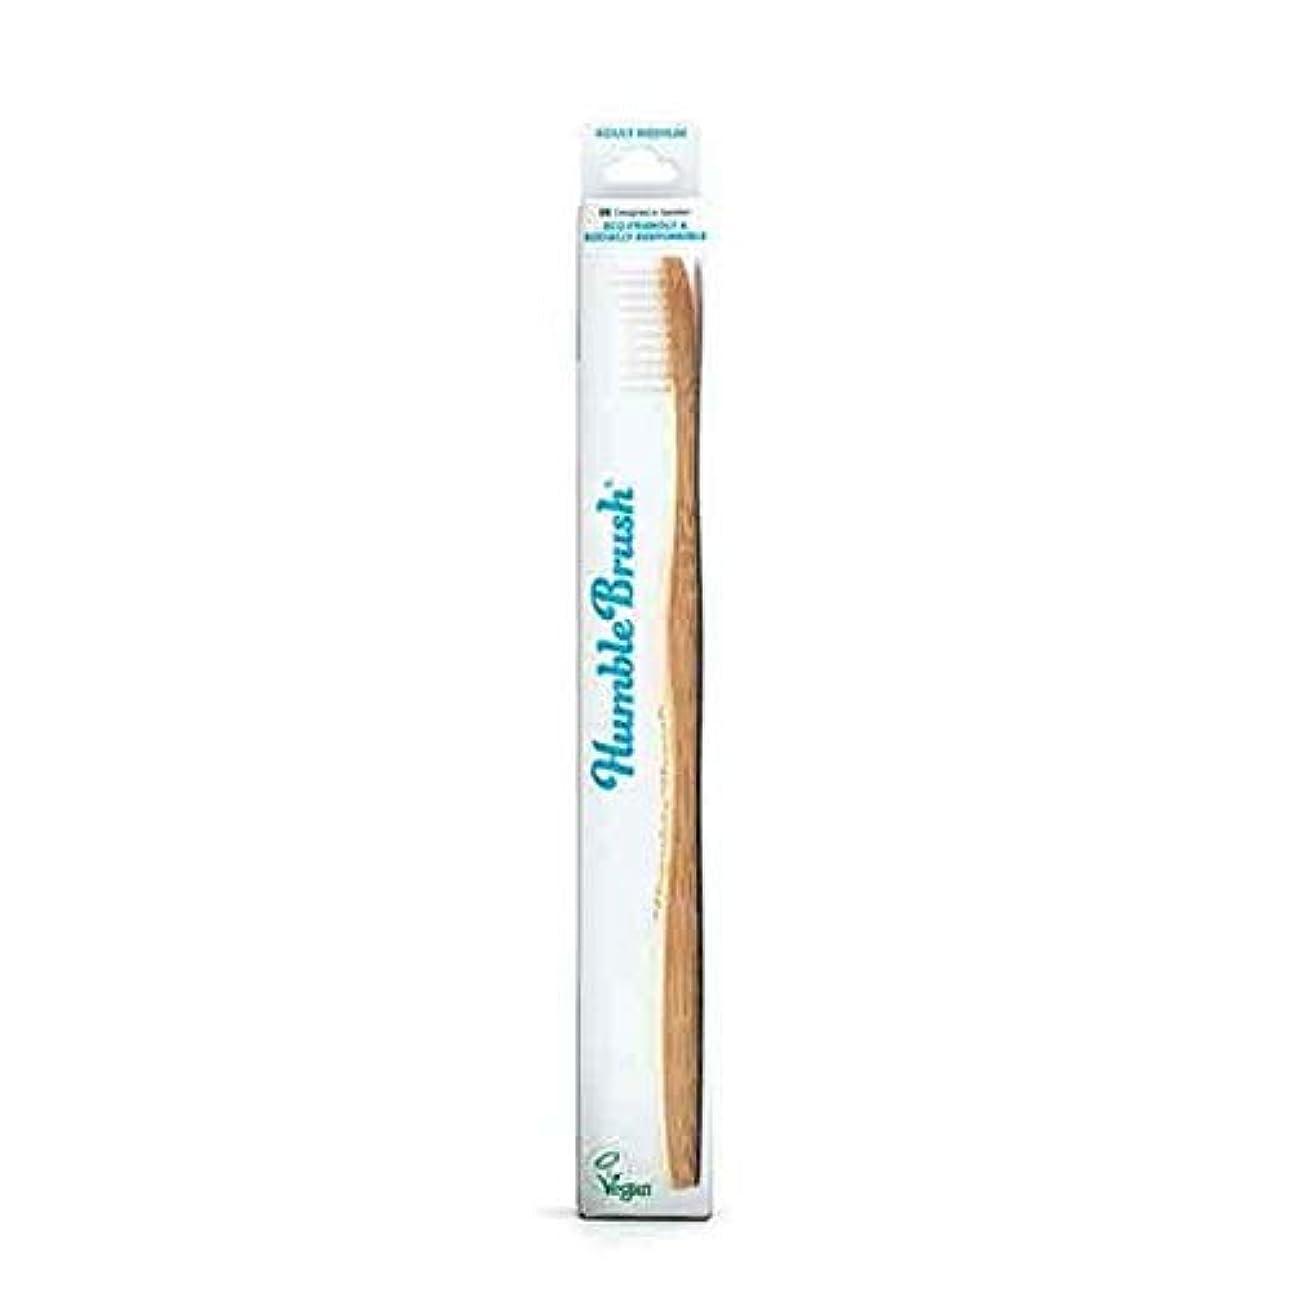 検出器誇り自治[The Humble Co ] 謙虚なブラシ大人竹の歯ブラシ白 - Humble Brush Adults Bamboo Toothbrush White [並行輸入品]